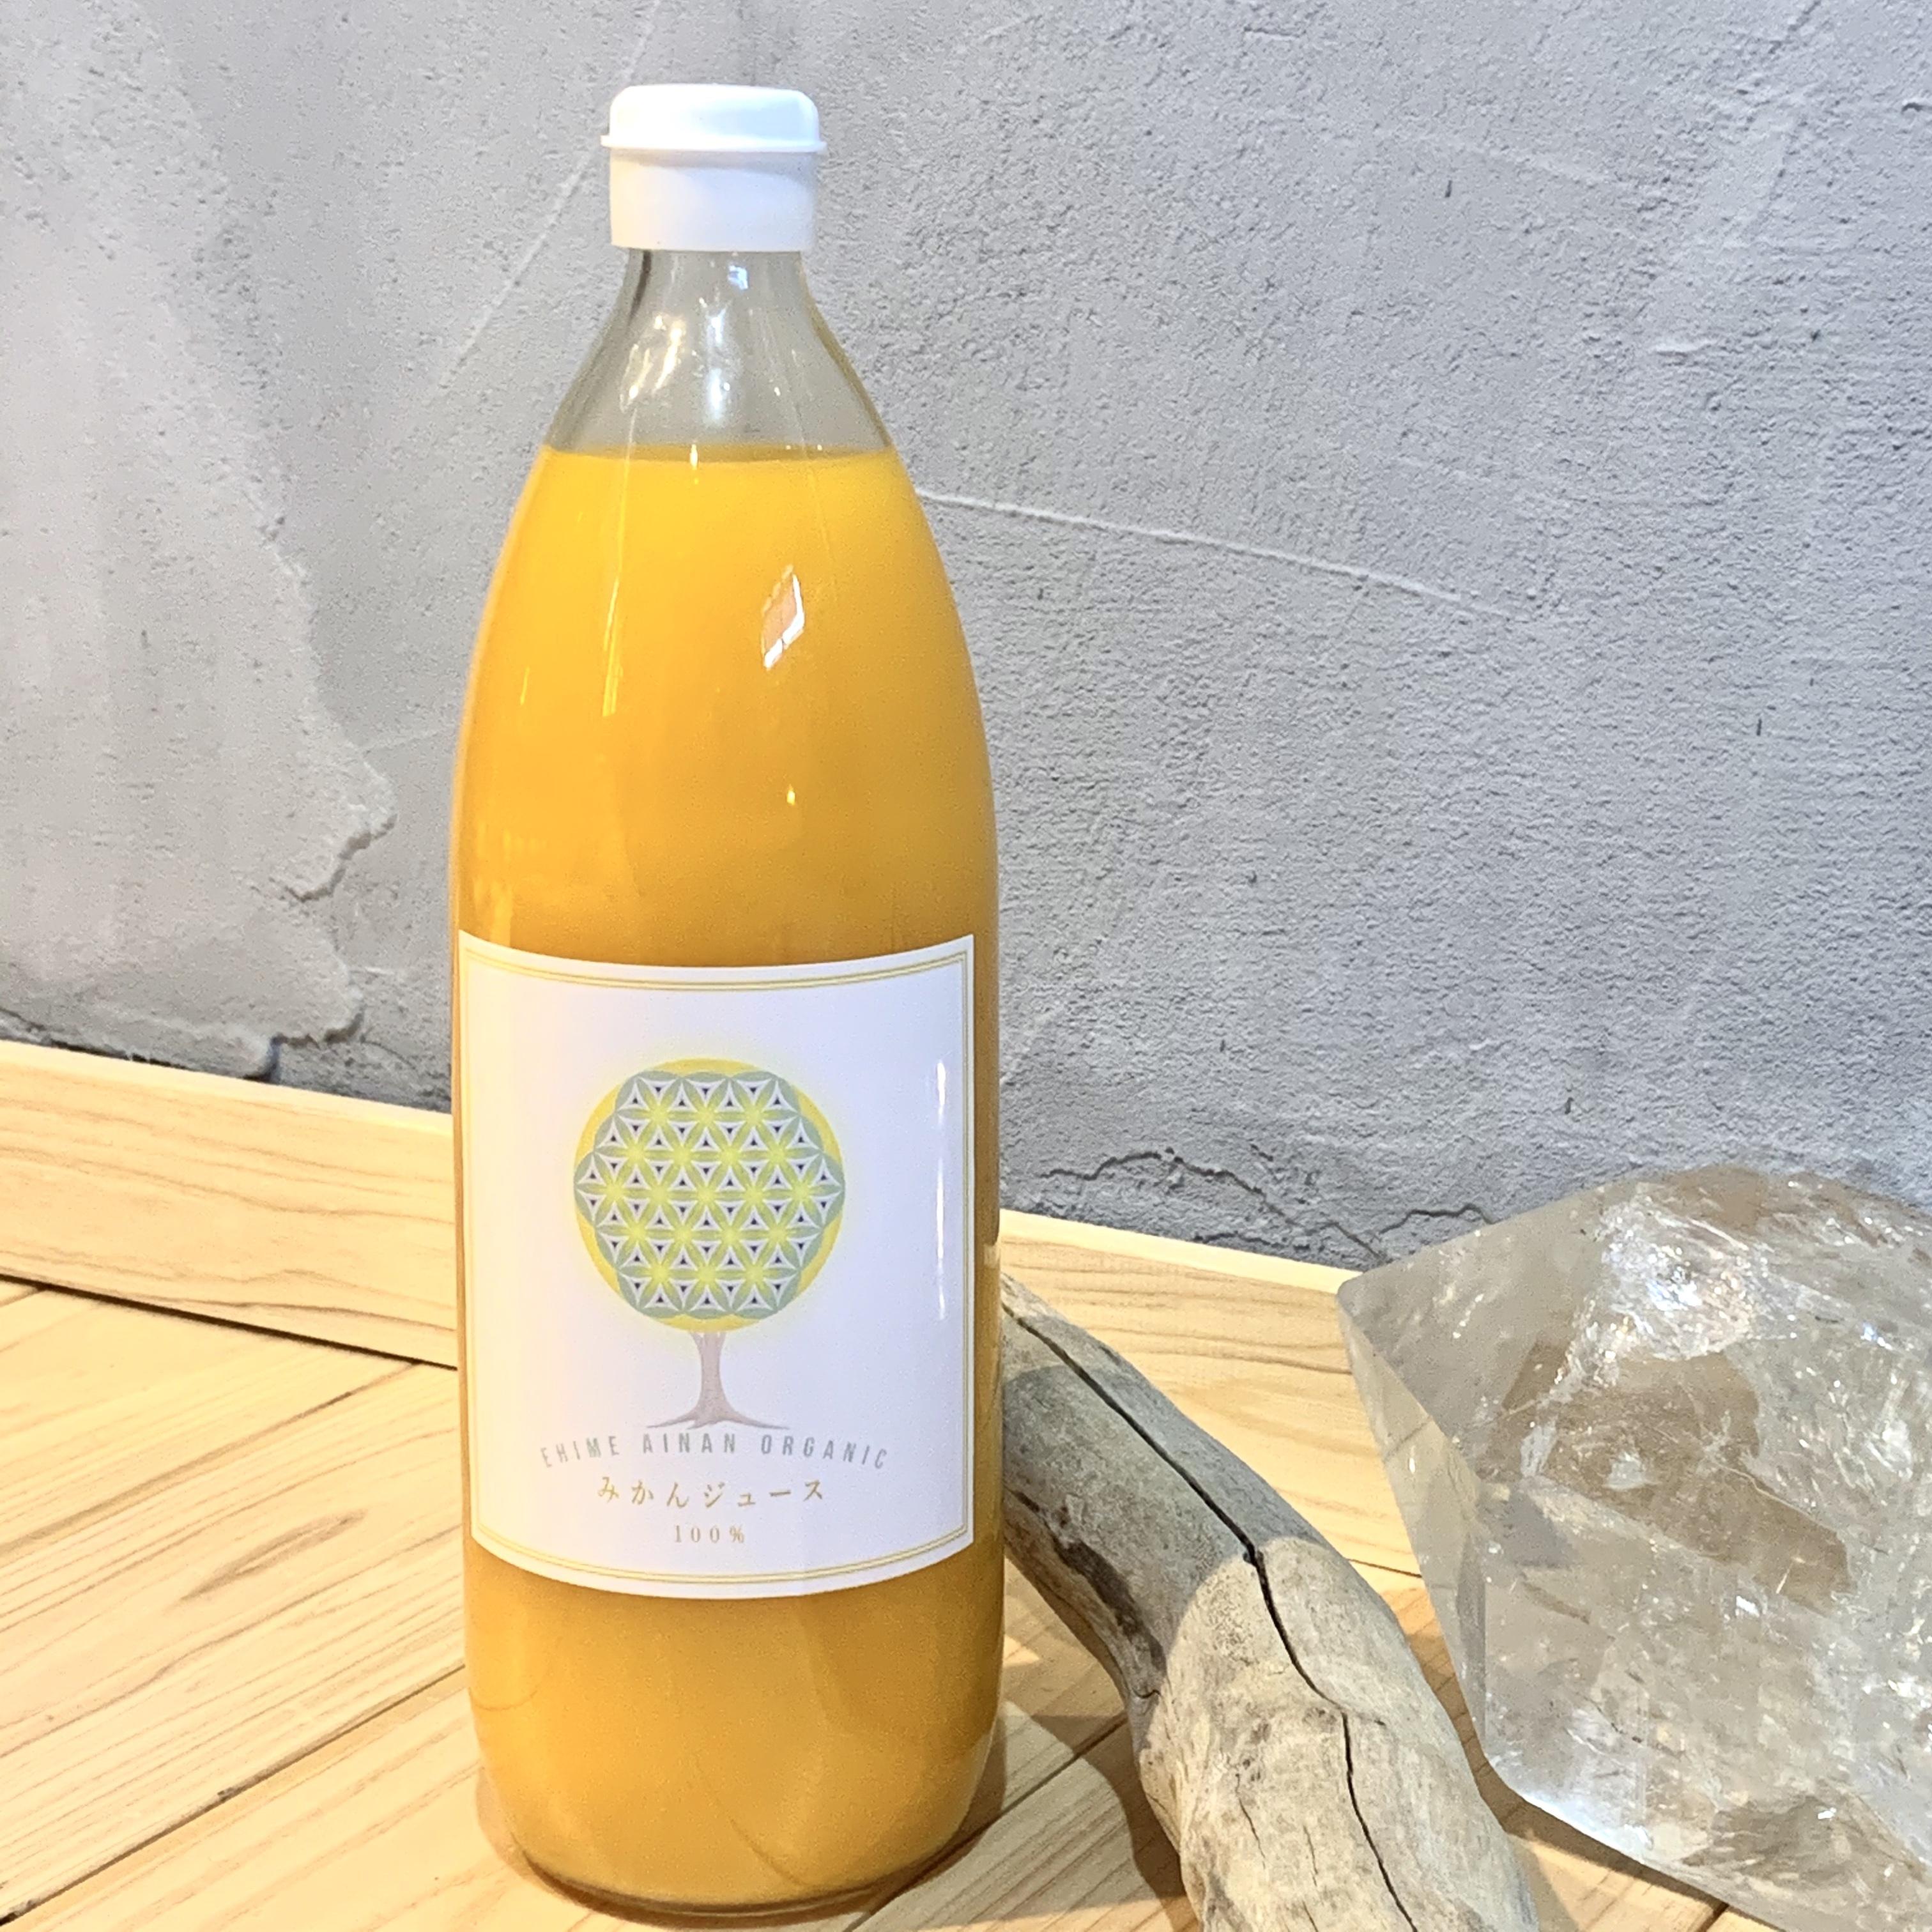 温州みかんストレートジュース 栽培期間中 農薬除草剤不使用